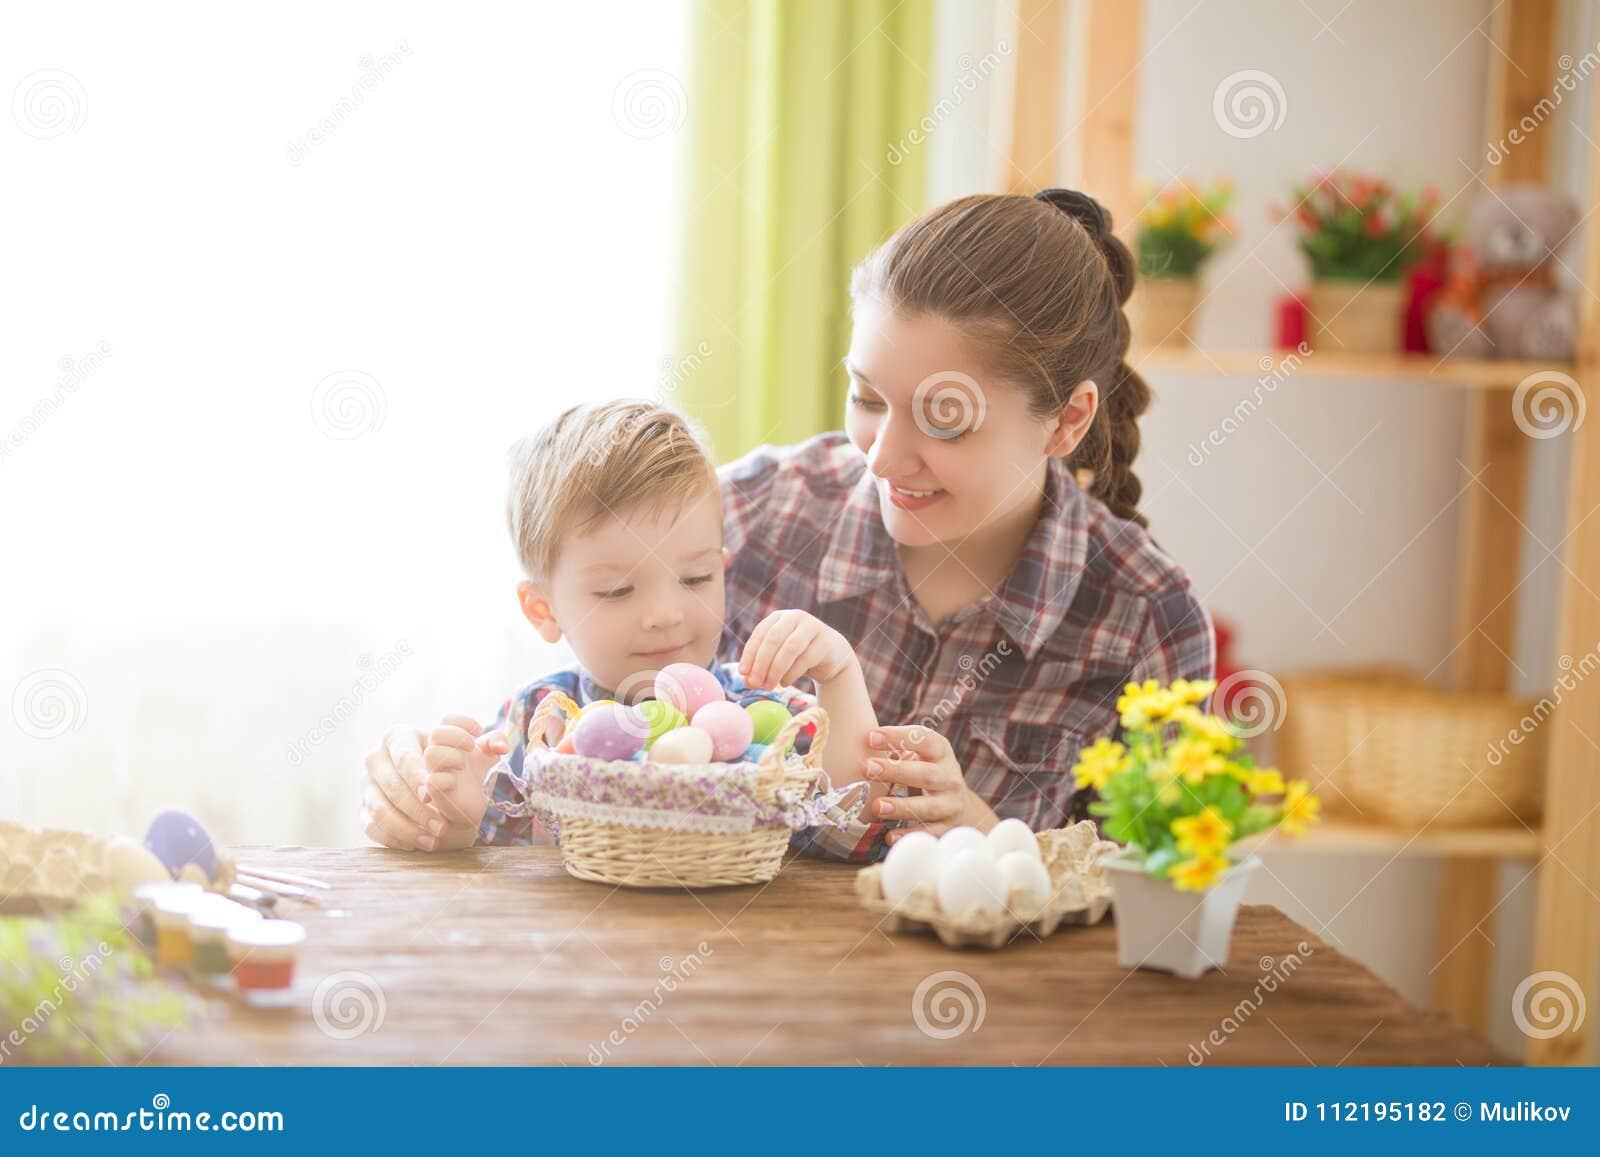 Junges Küken in Wanne, 2 malte Eier und Blumen Glückliche Mutter und ihr nettes Kind, die zu Ostern durch das Malen der Eier fert